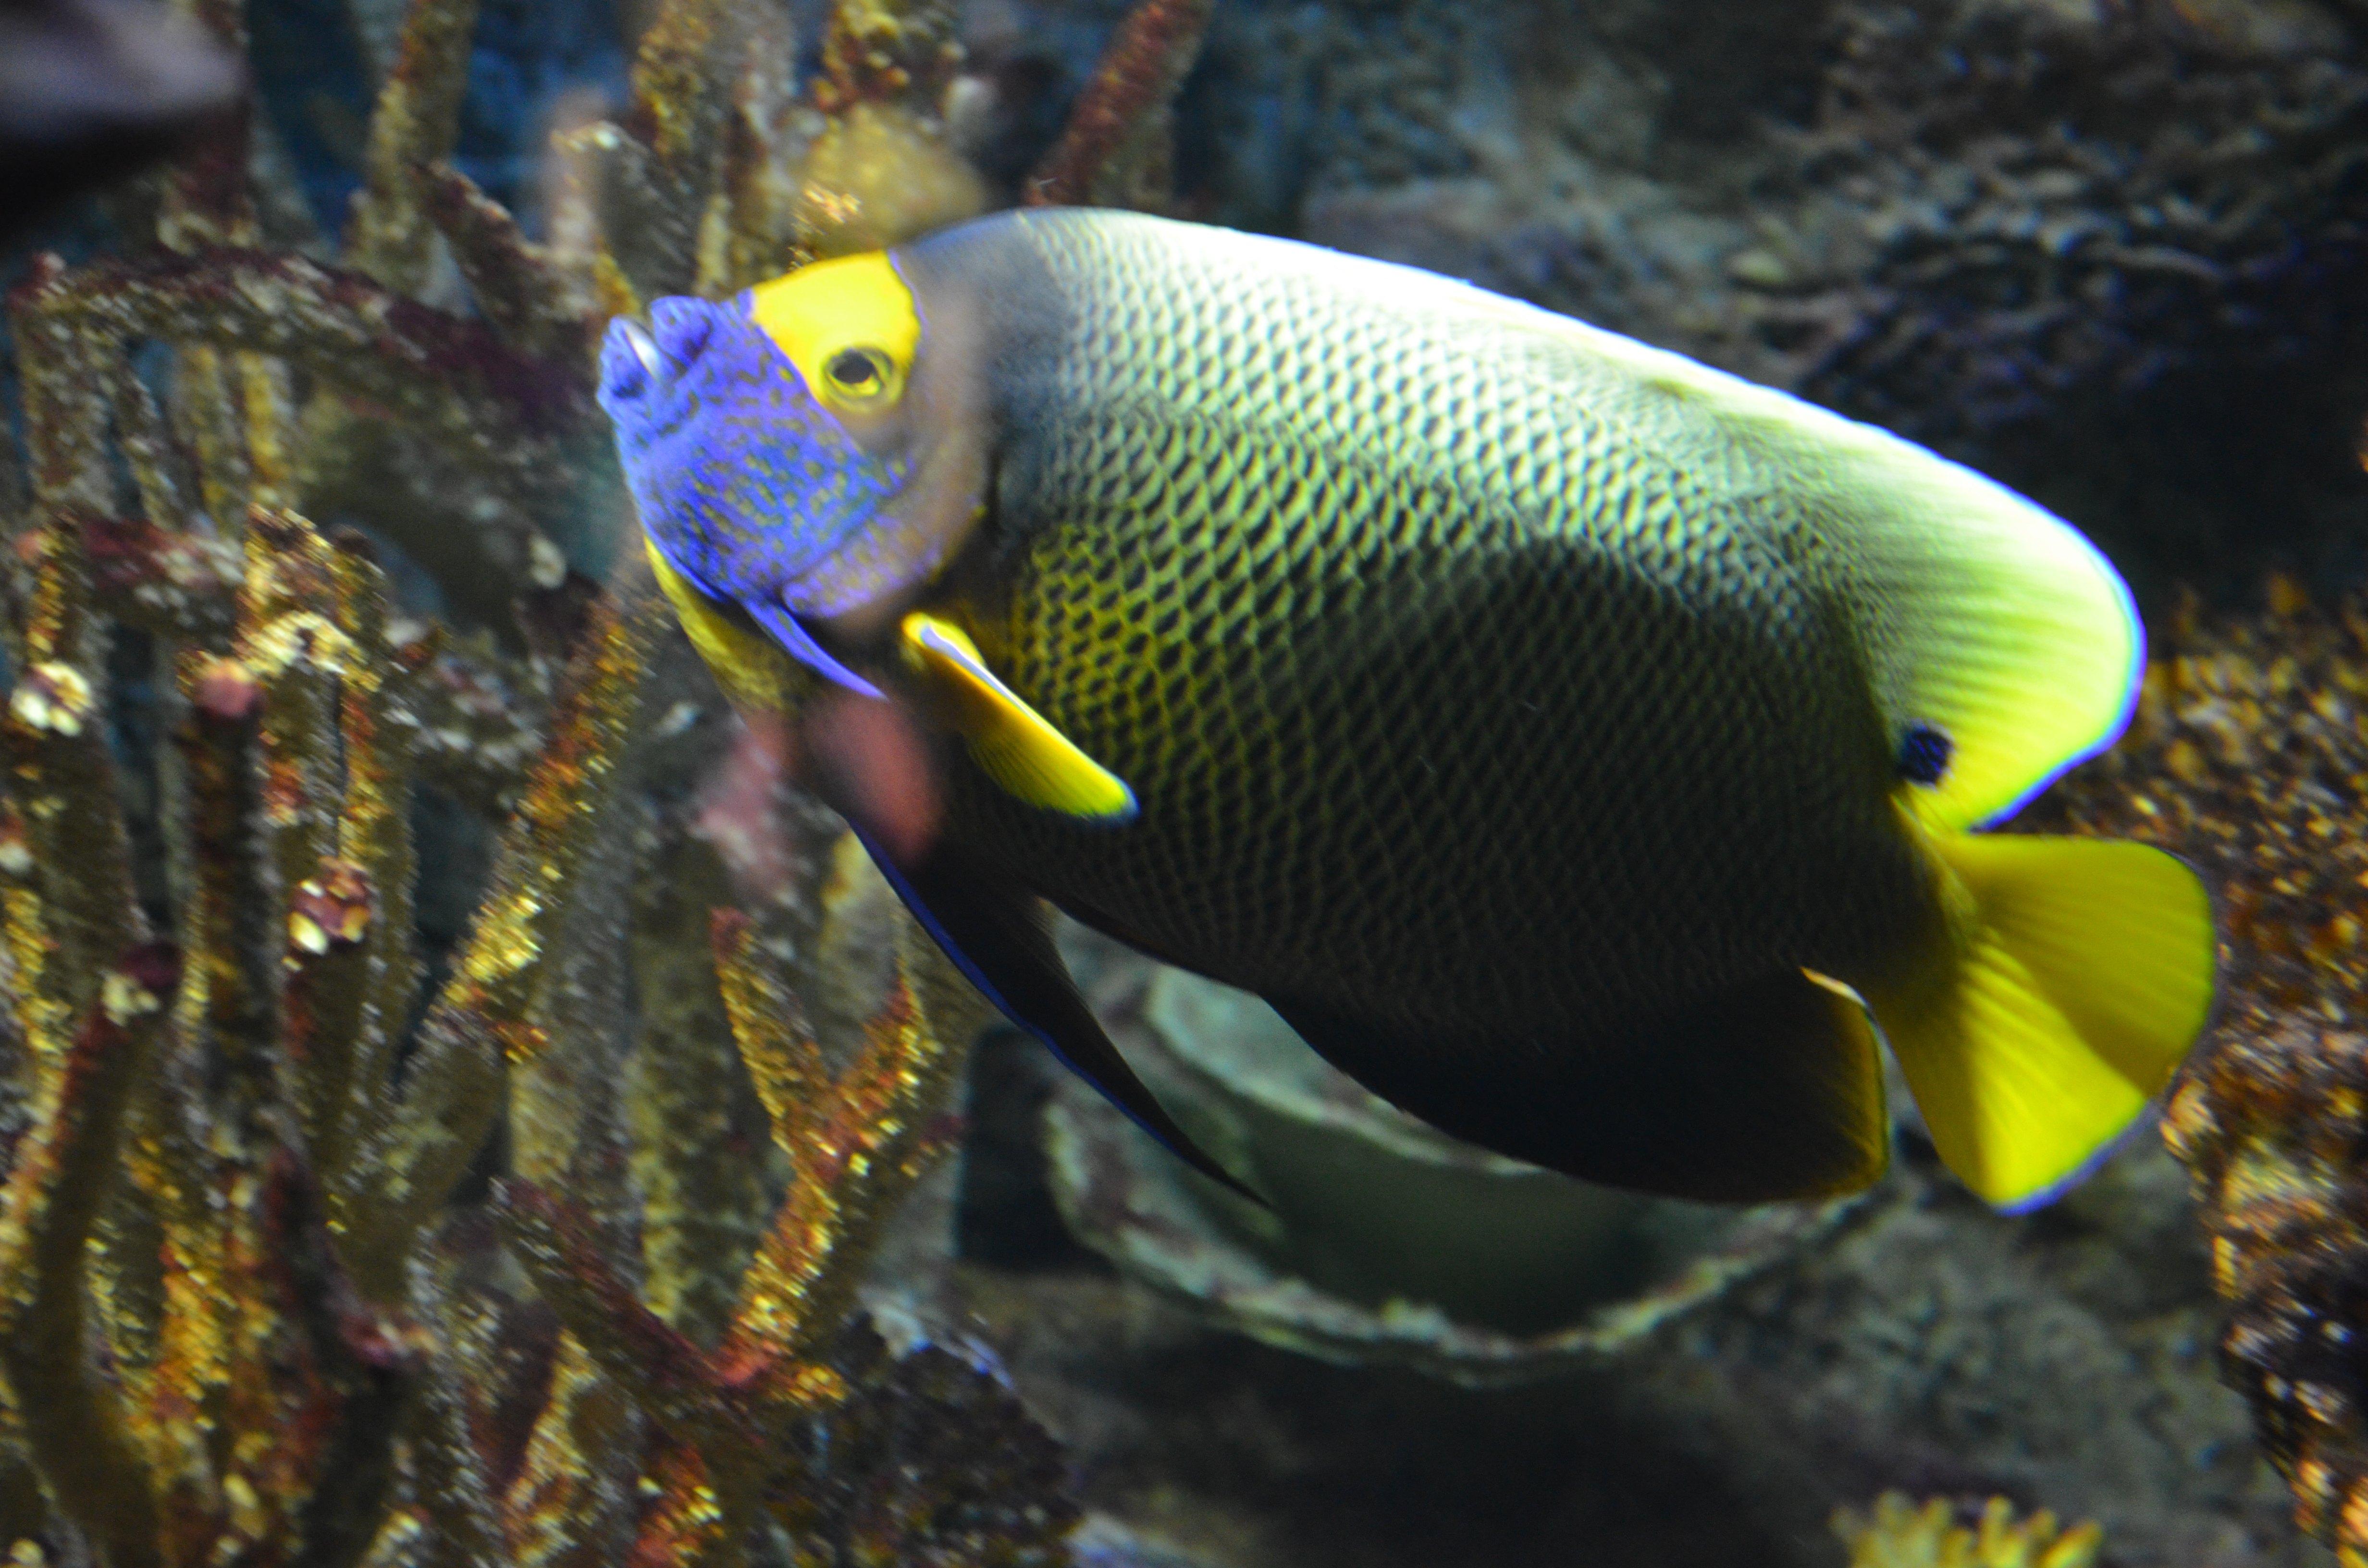 pesci1,jpg.jpg